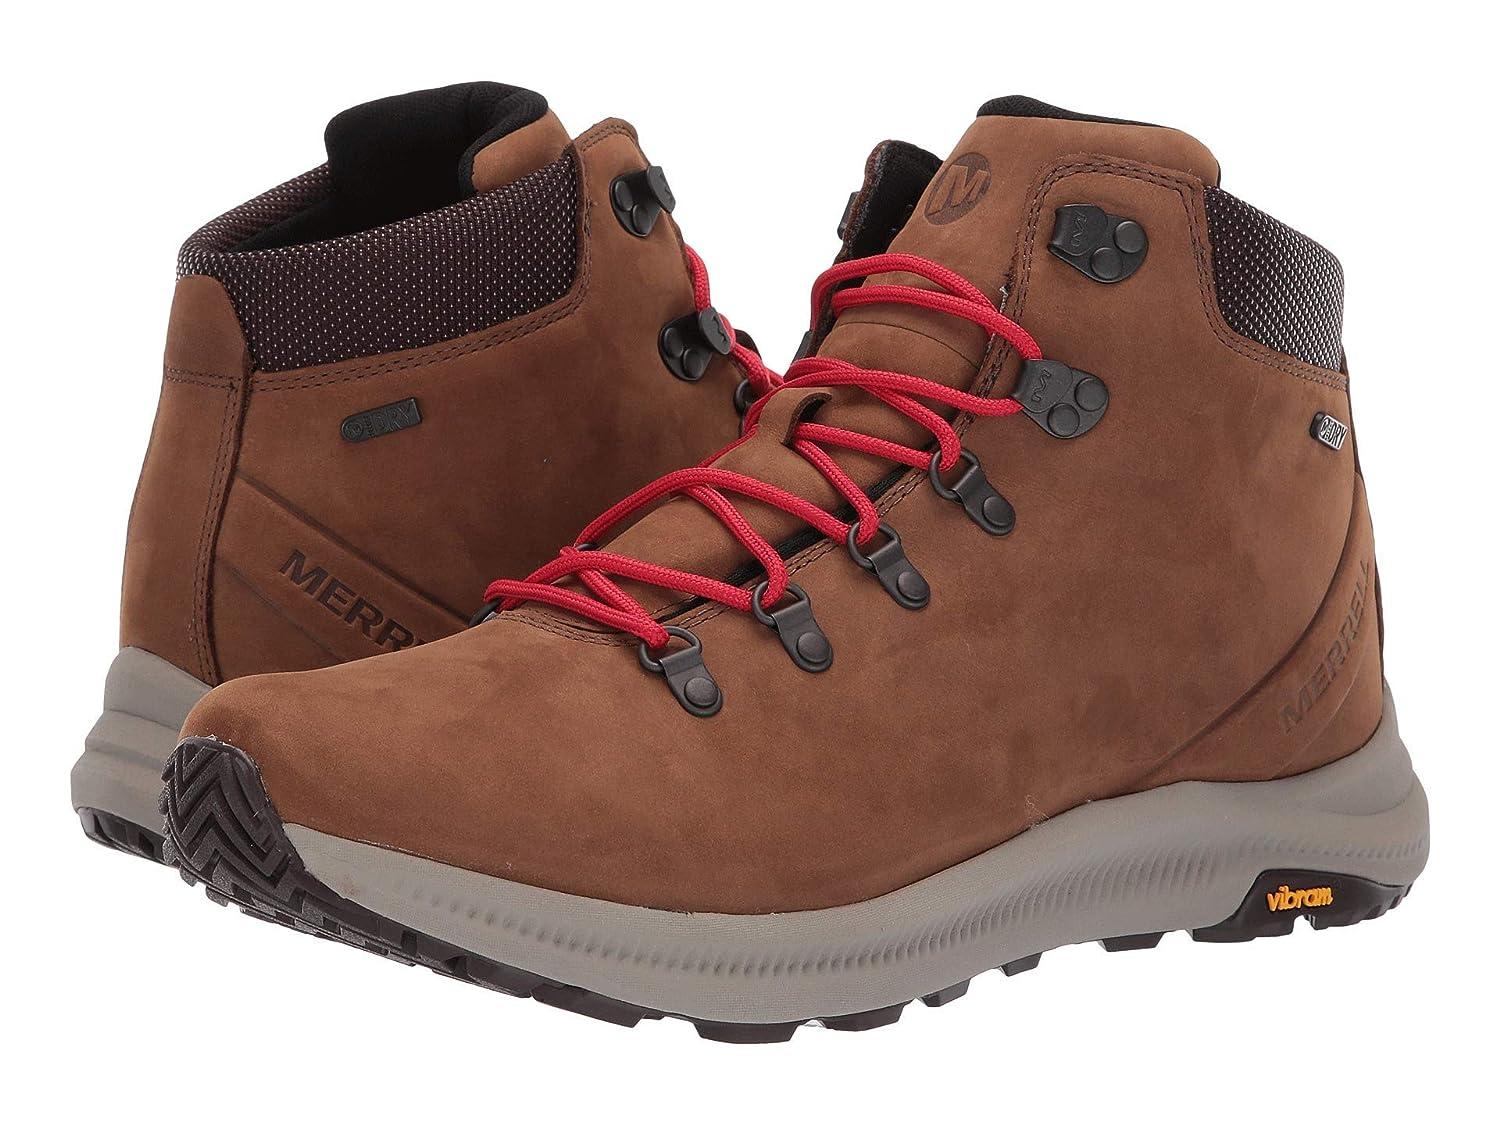 【着後レビューで 送料無料】 [メレル] メンズランニングシューズスニーカー靴 Ontario Earth Mid Waterproof [並行輸入品] B07N8FJVMZ Dark Earth Dark Waterproof 26.0 cm 26.0 cm|Dark Earth, テンドウシ:d875f507 --- campdxn.com